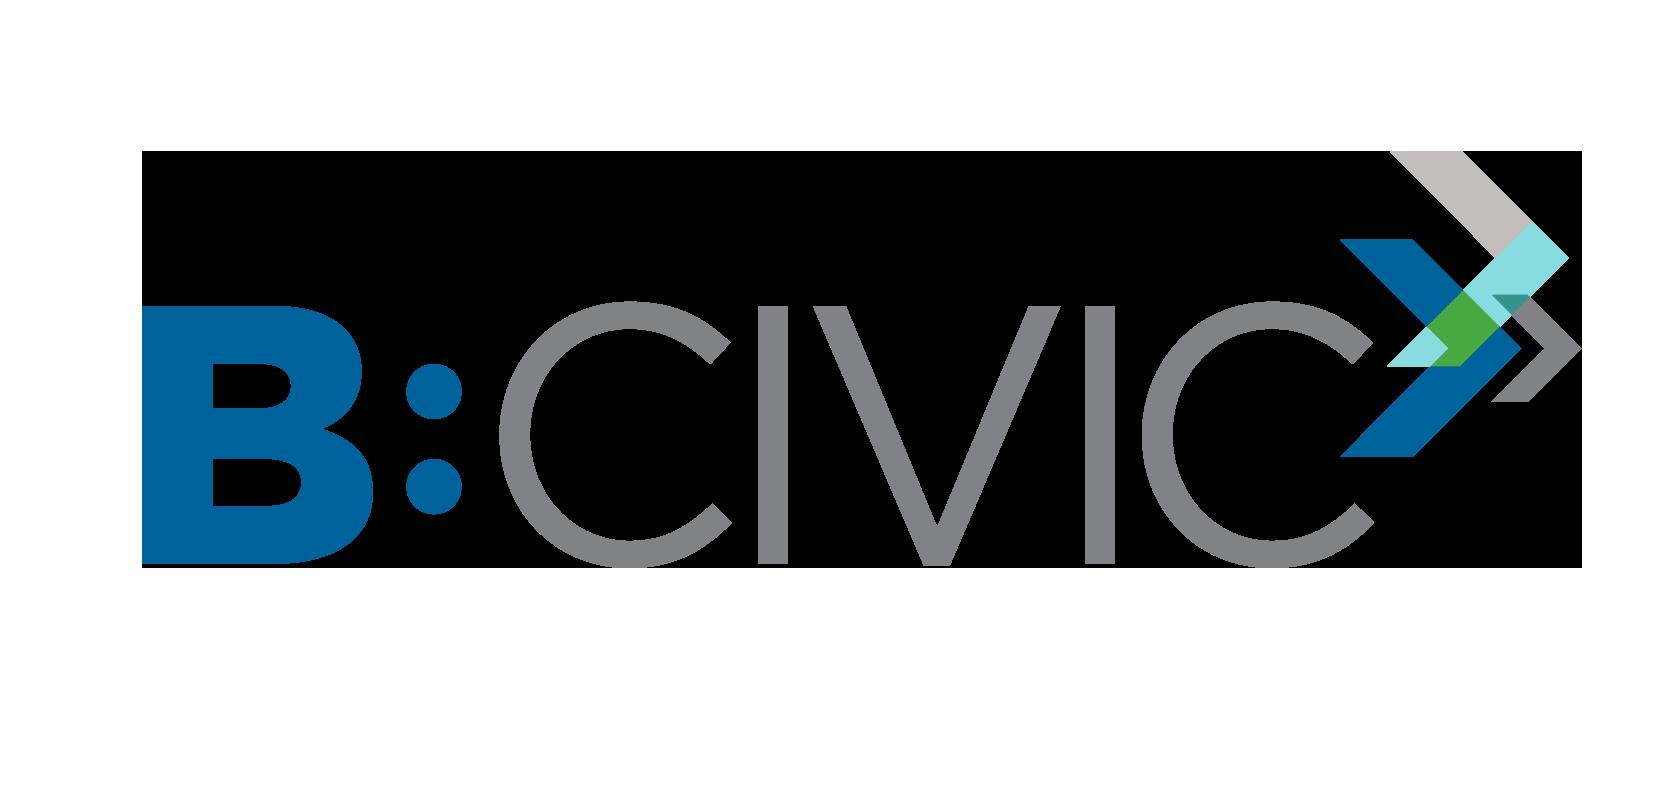 B:CIVIC